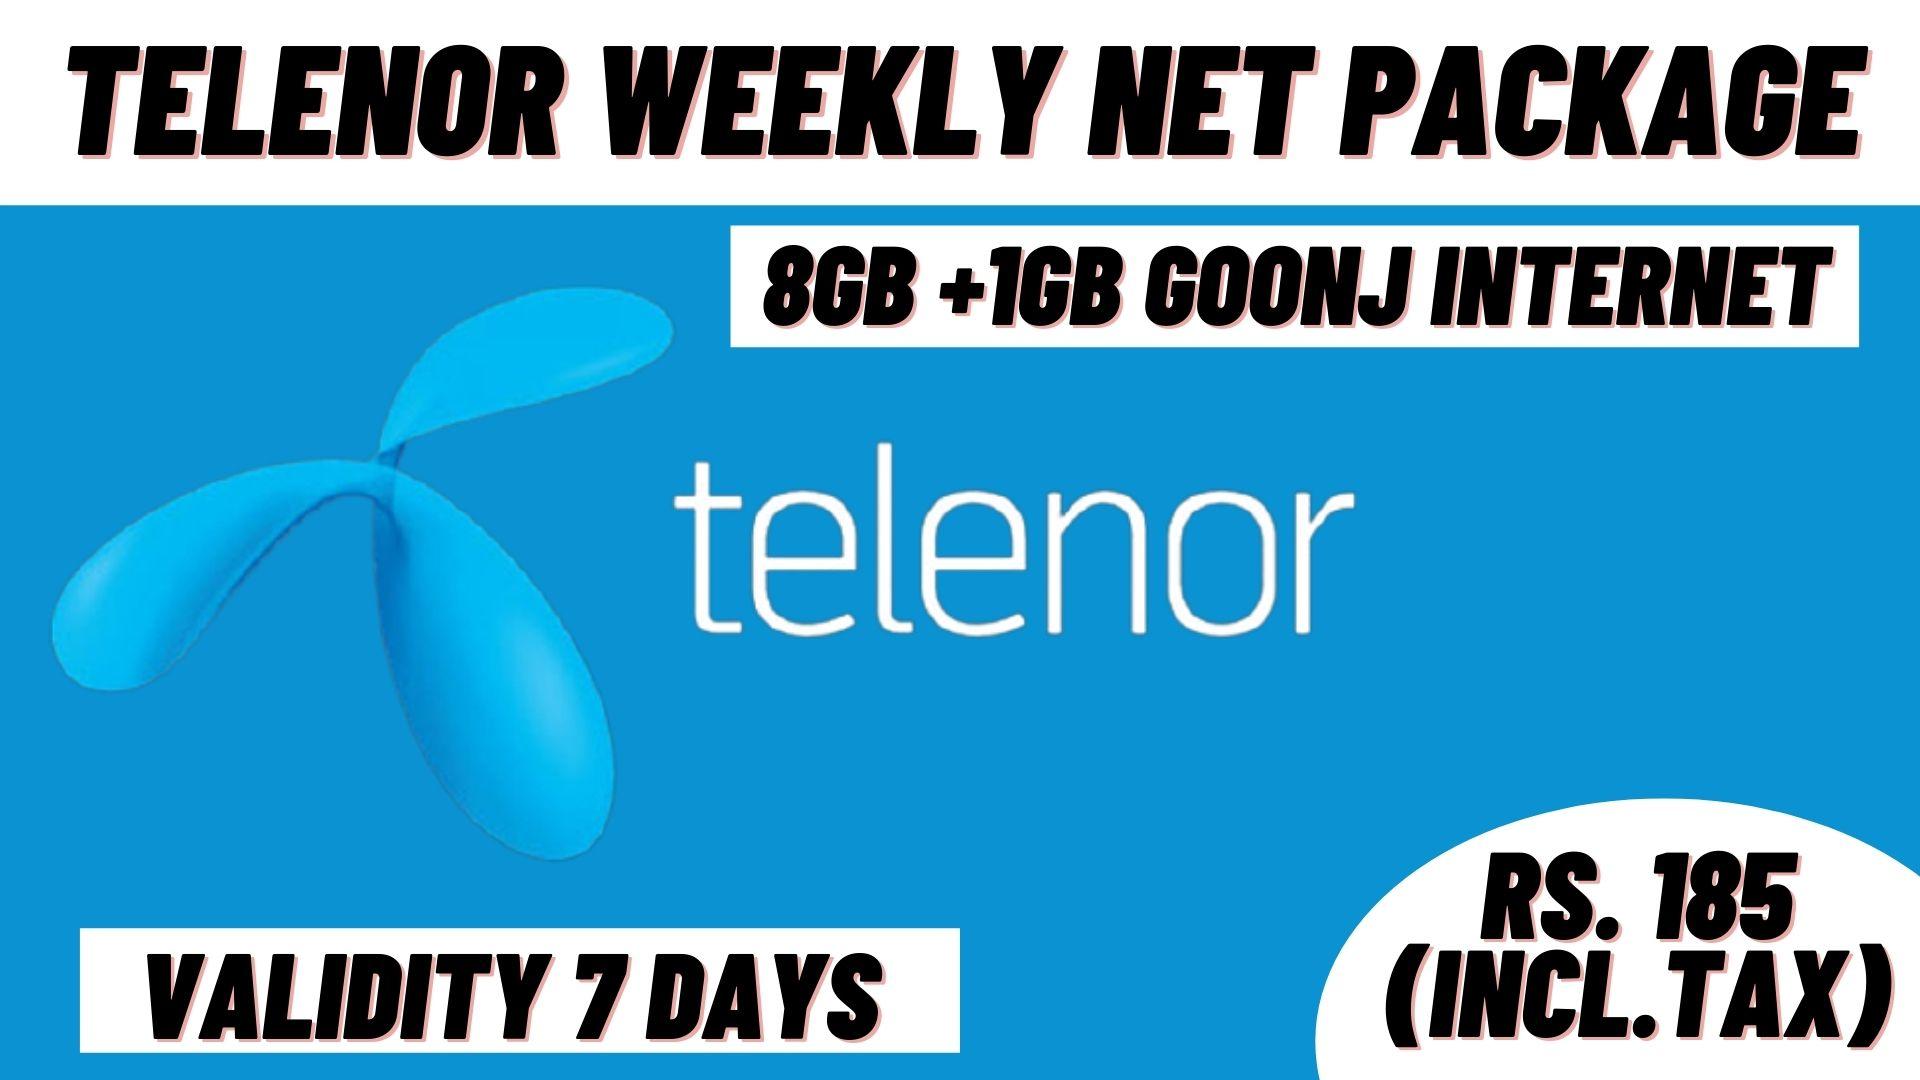 Telenor Weekly Net Package